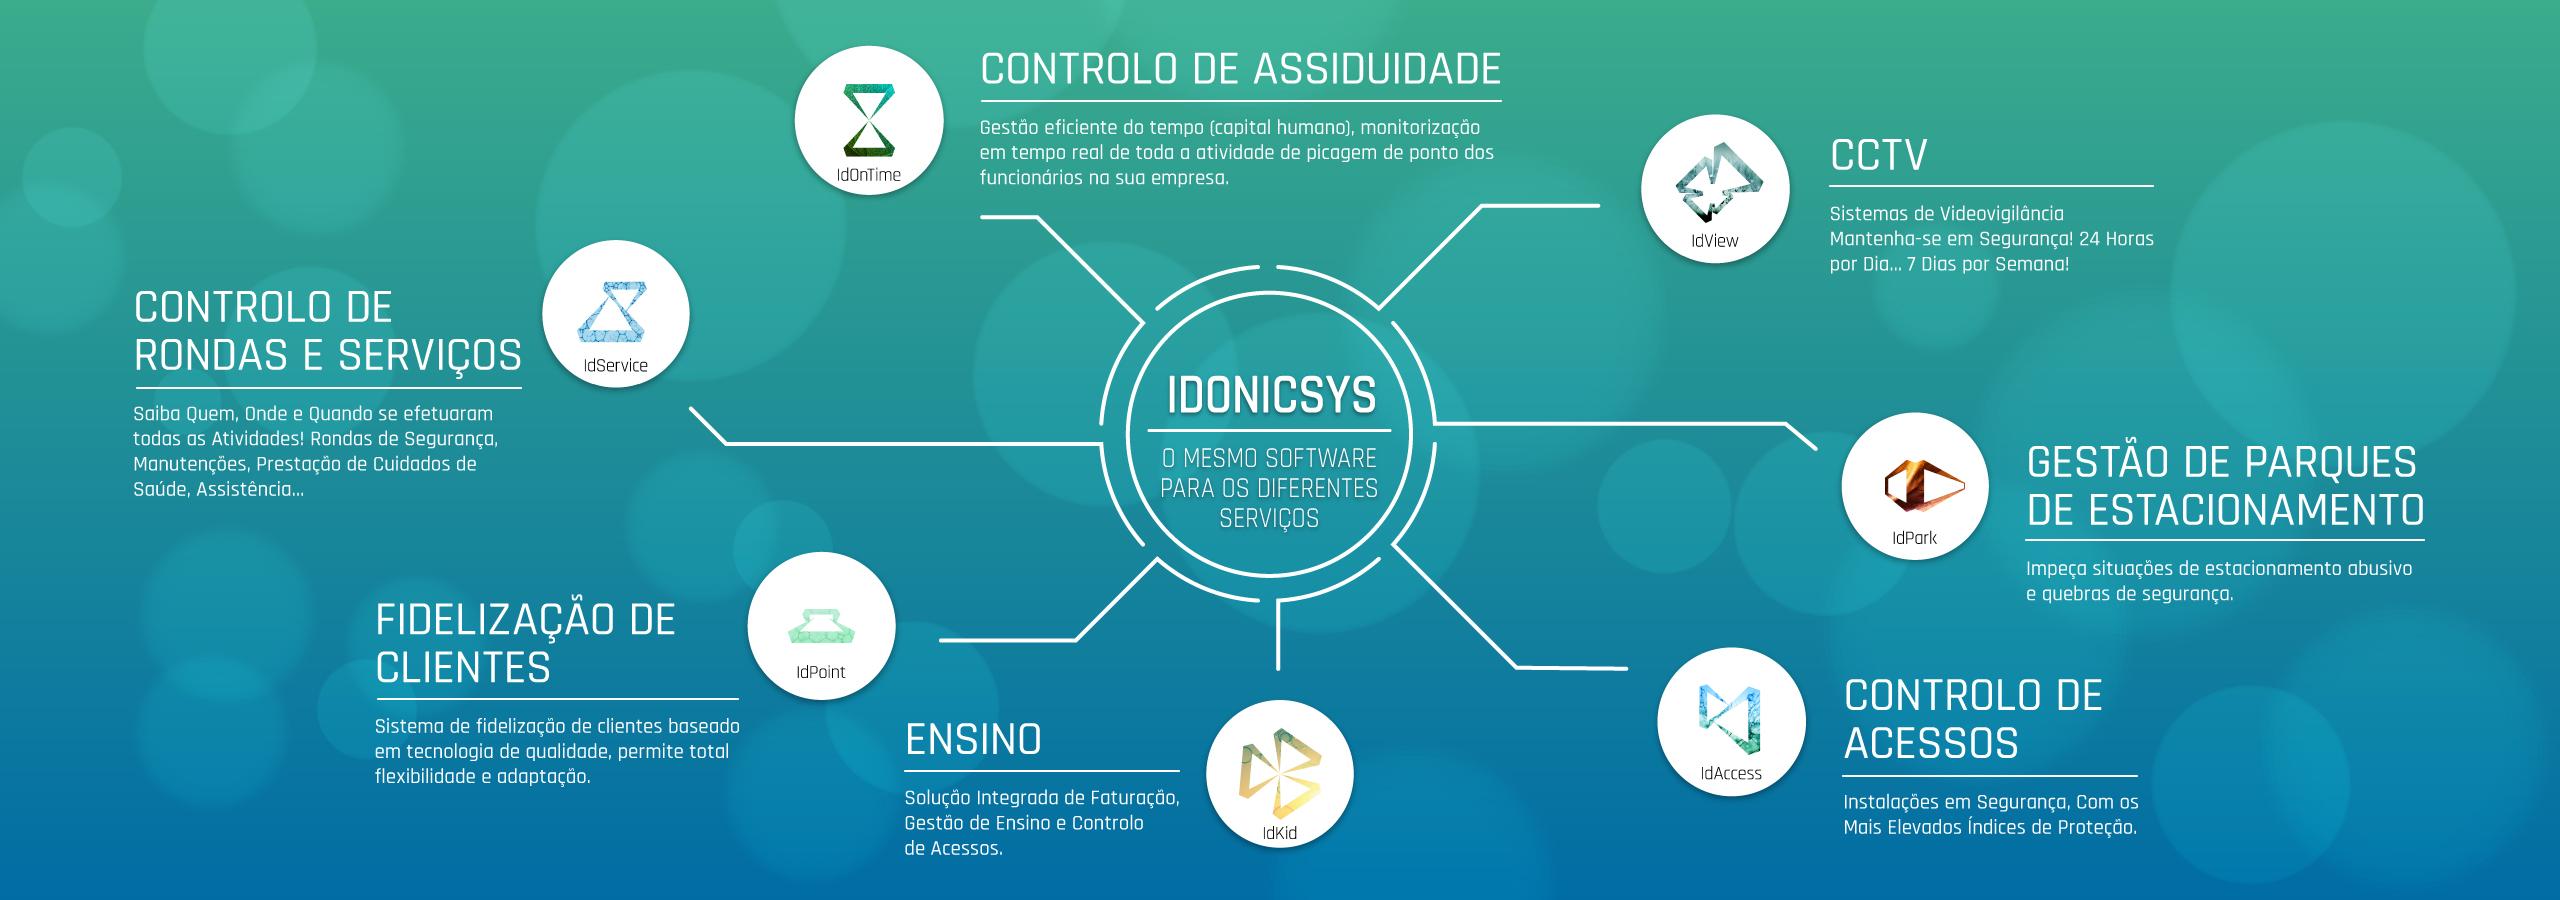 IDONICSYS , Software Developed by IDONIC, Gestão, Controlo, Segurança.